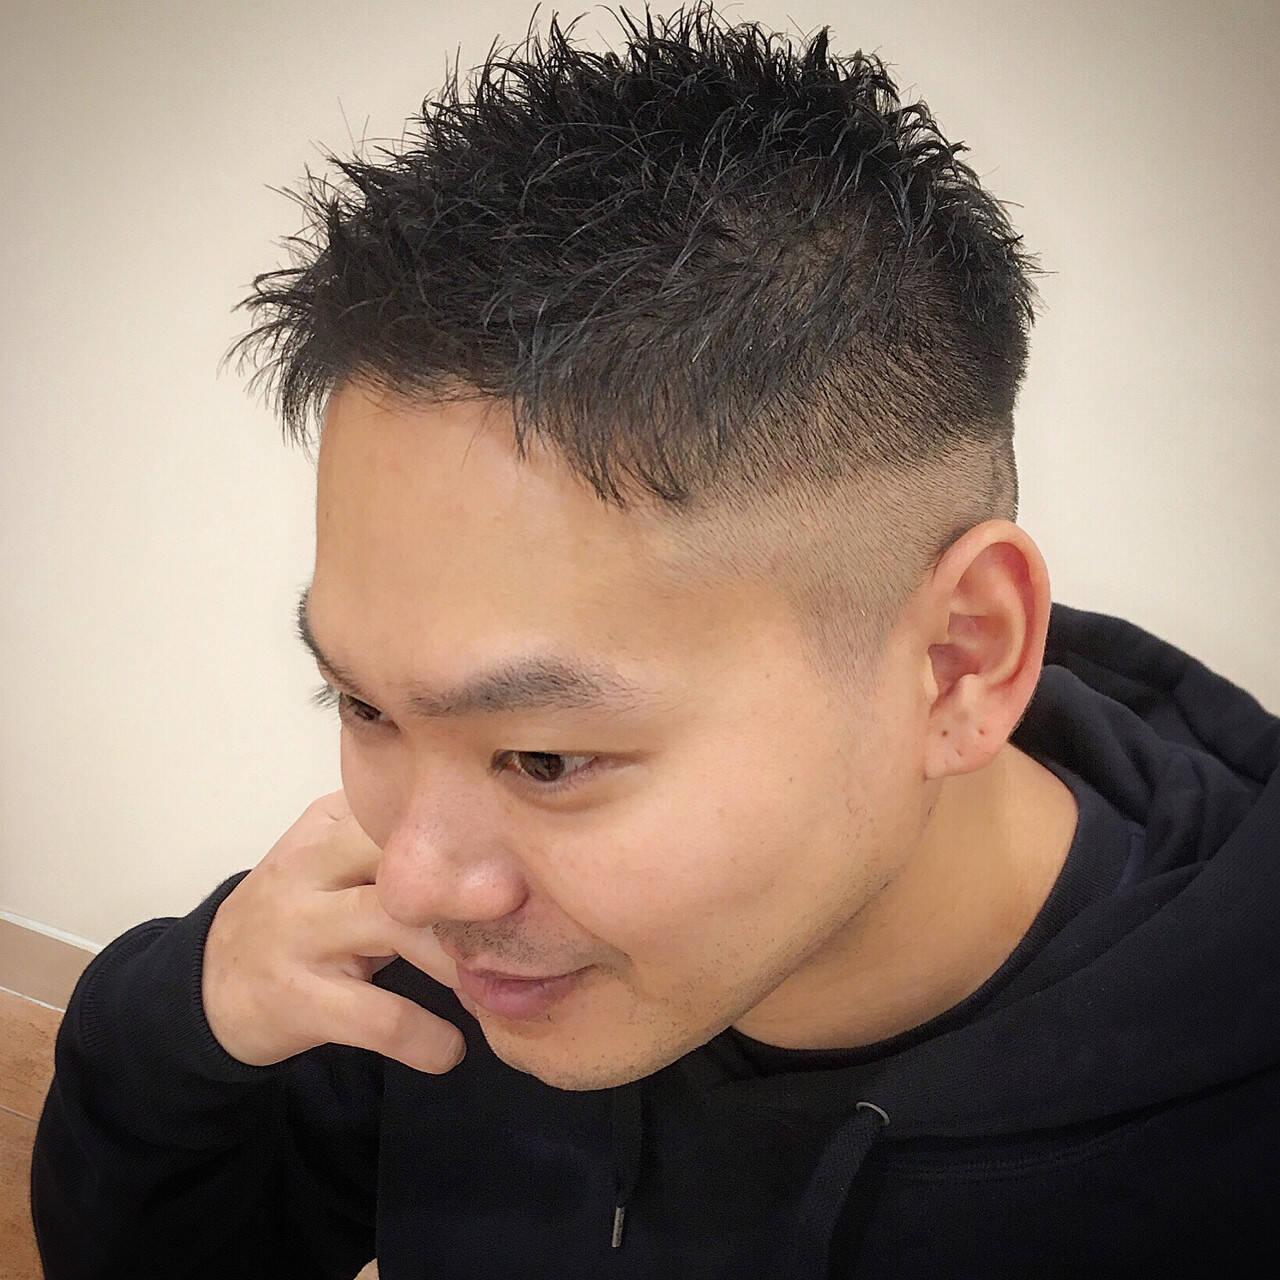 メンズカット 刈り上げ メンズショート ショートヘアスタイルや髪型の写真・画像